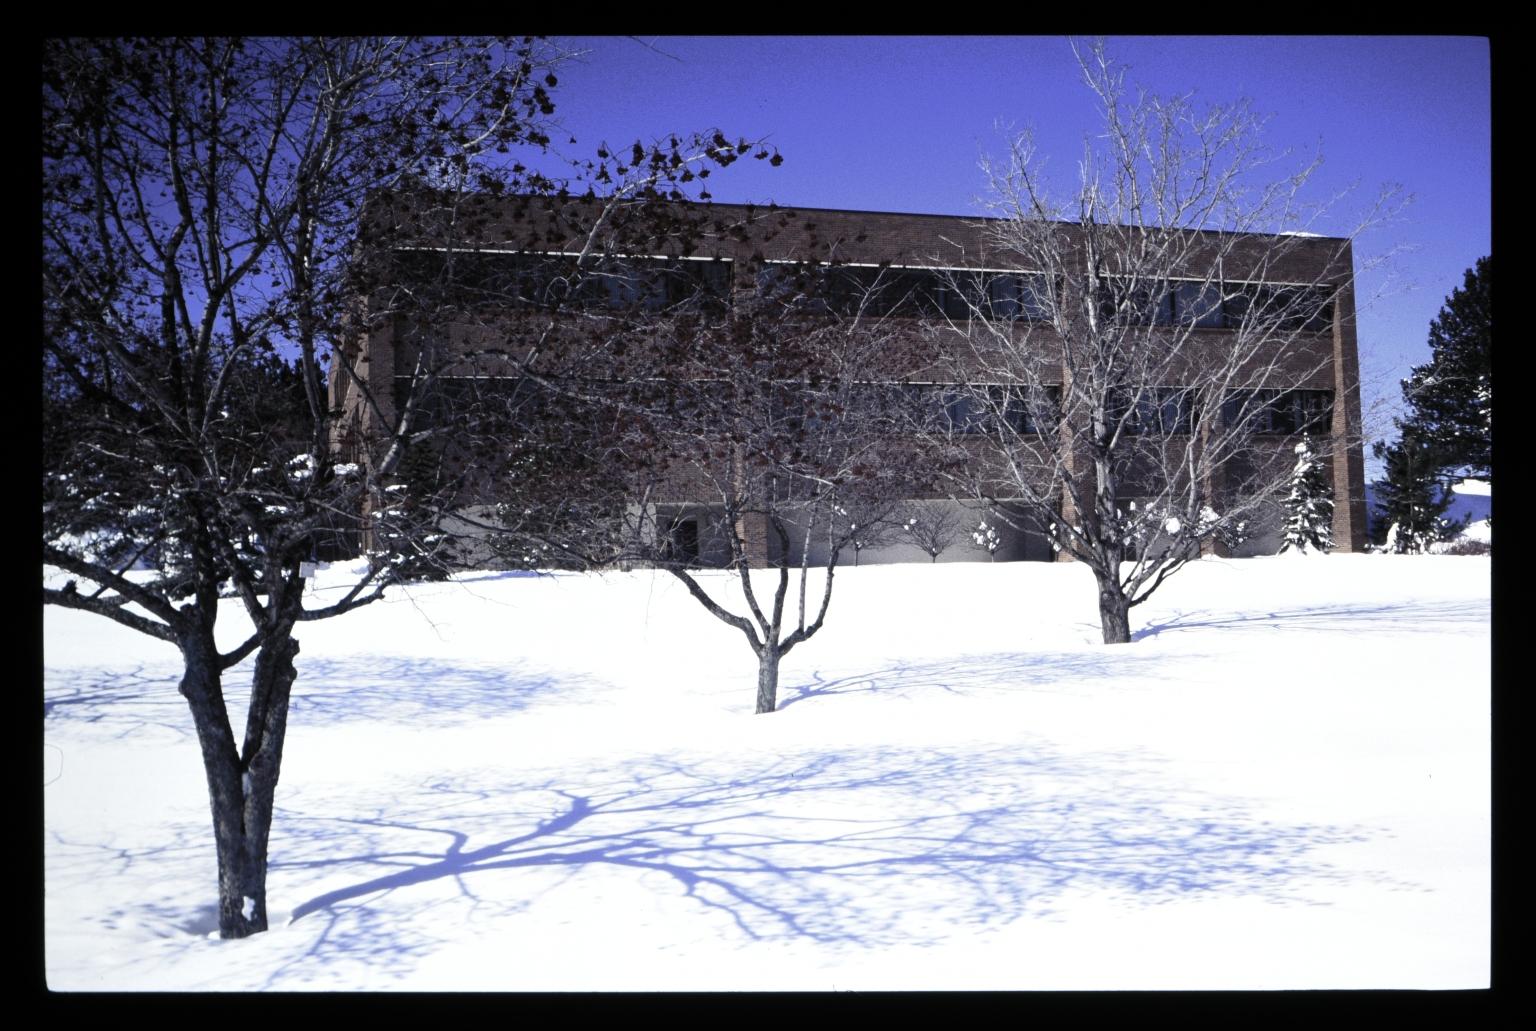 Bausch & Lomb Center